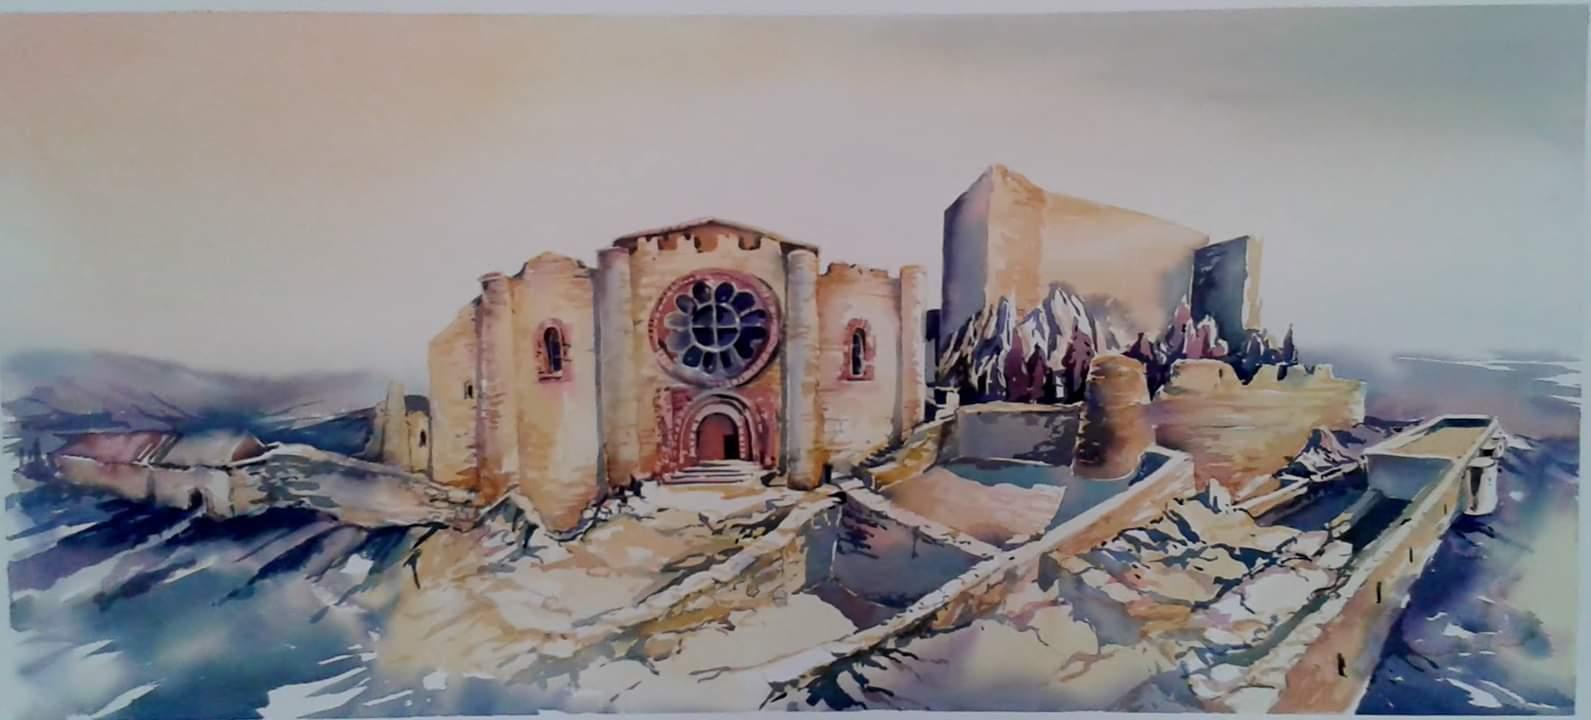 Sacro Convento de Calatrava la Nueva. Acuarela realizada por —La Iglesia del Sacro Convento de Calatrava la Nueva. Acuarela realizada por Natalia Zhylitska.